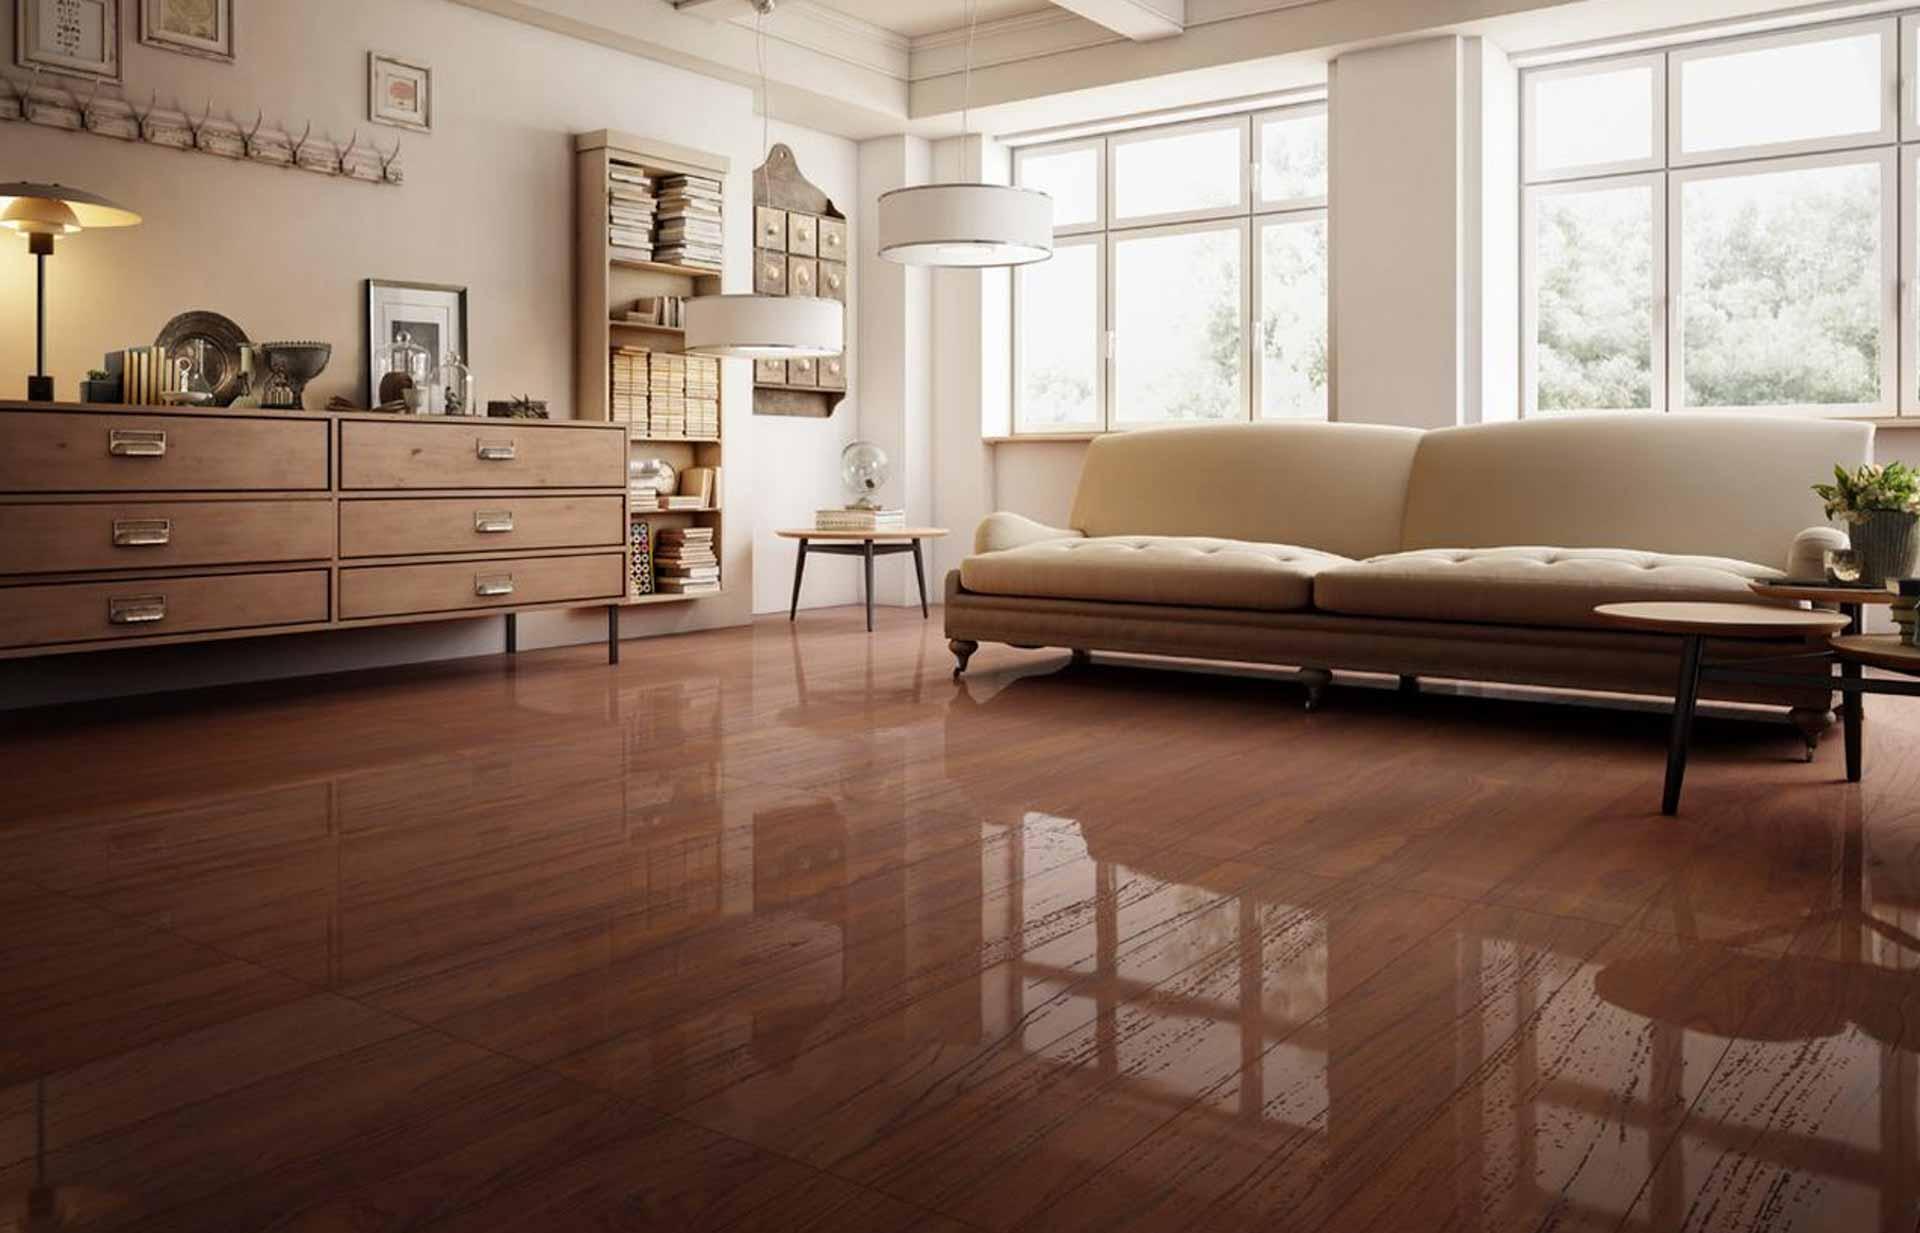 Le essenze l 39 effetto legno ispirato dalla natura orsolini for Gres porcellanato effetto marmo lucido prezzi